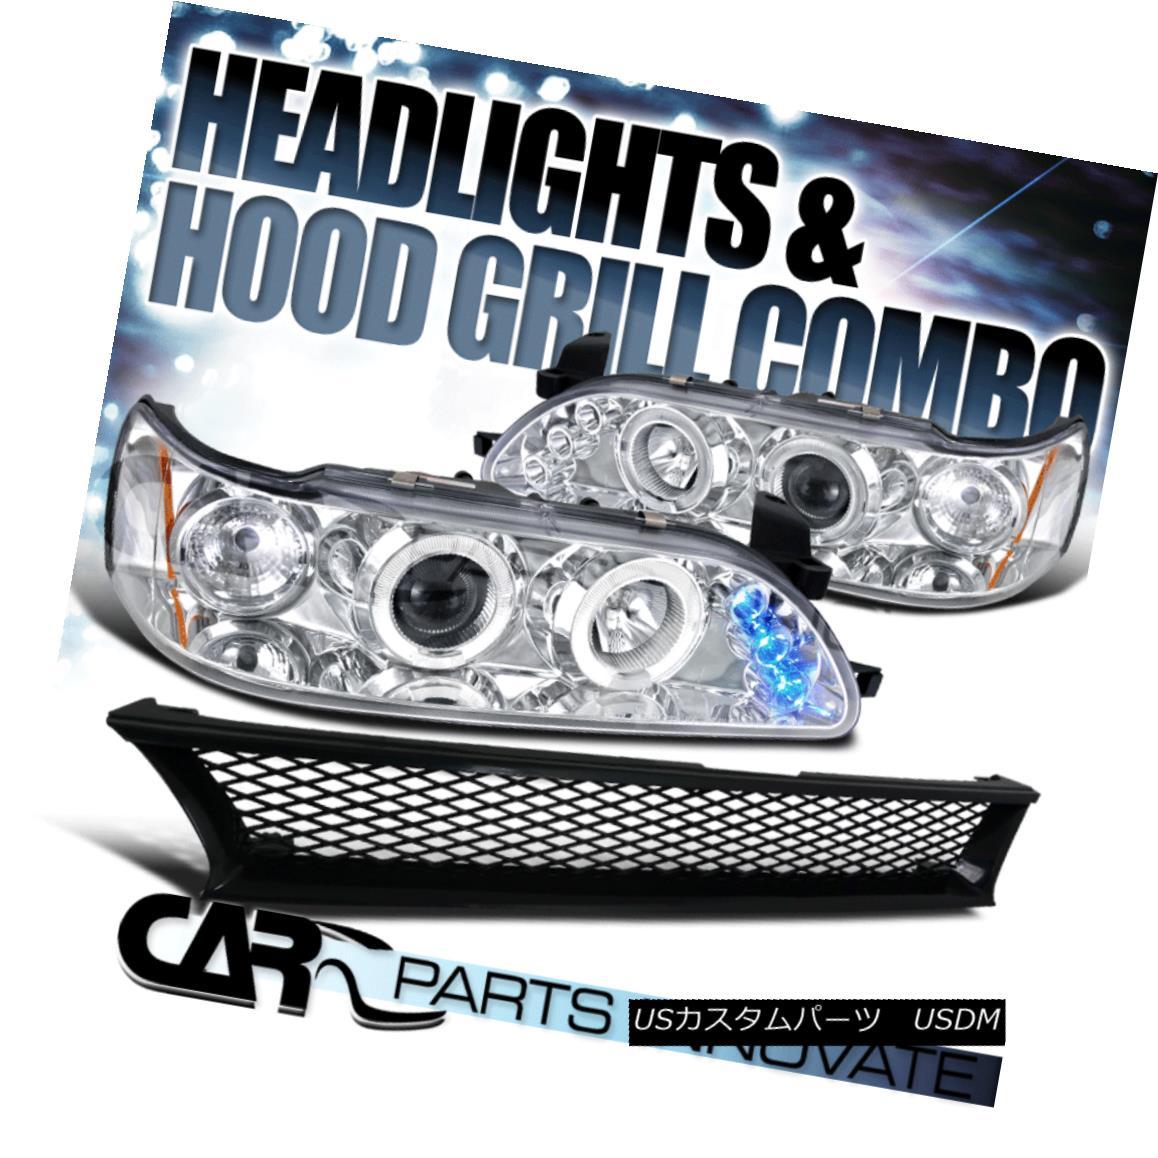 グリル For 93-97 Toyota Corolla Clear Halo LED Projector Headlights+Mesh Hood Grille 93-97トヨタカローラクリアハローLEDプロジェクターヘッドライト+メス hフードグリル